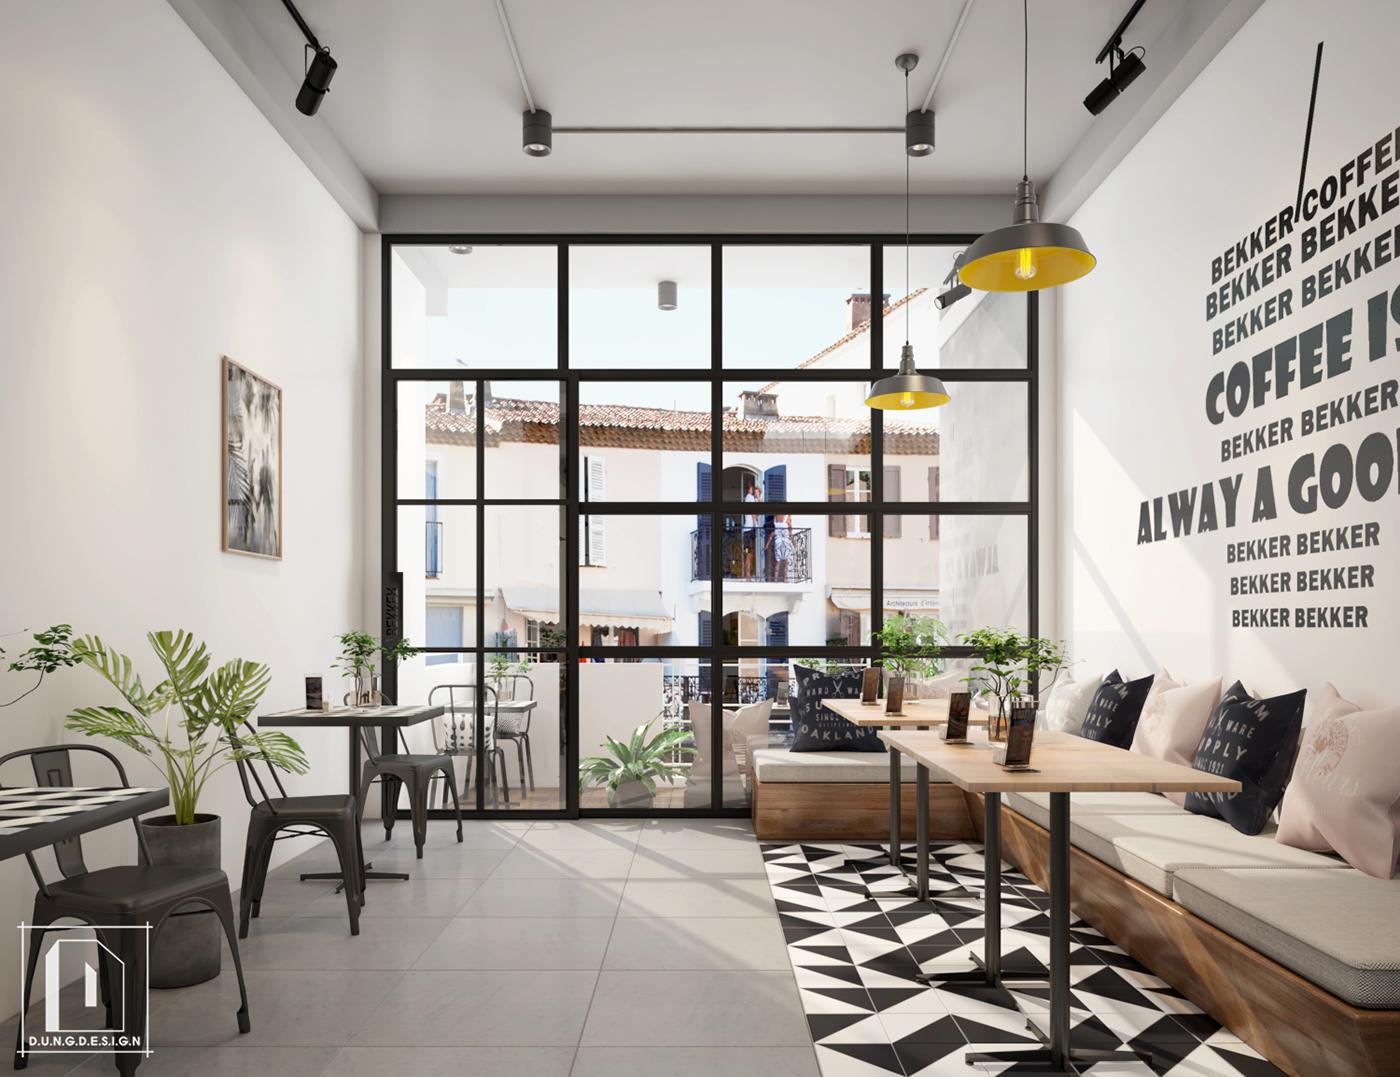 thiết kế nội thất Cafe tại Hồ Chí Minh Bekker Coffee 12 1538453251